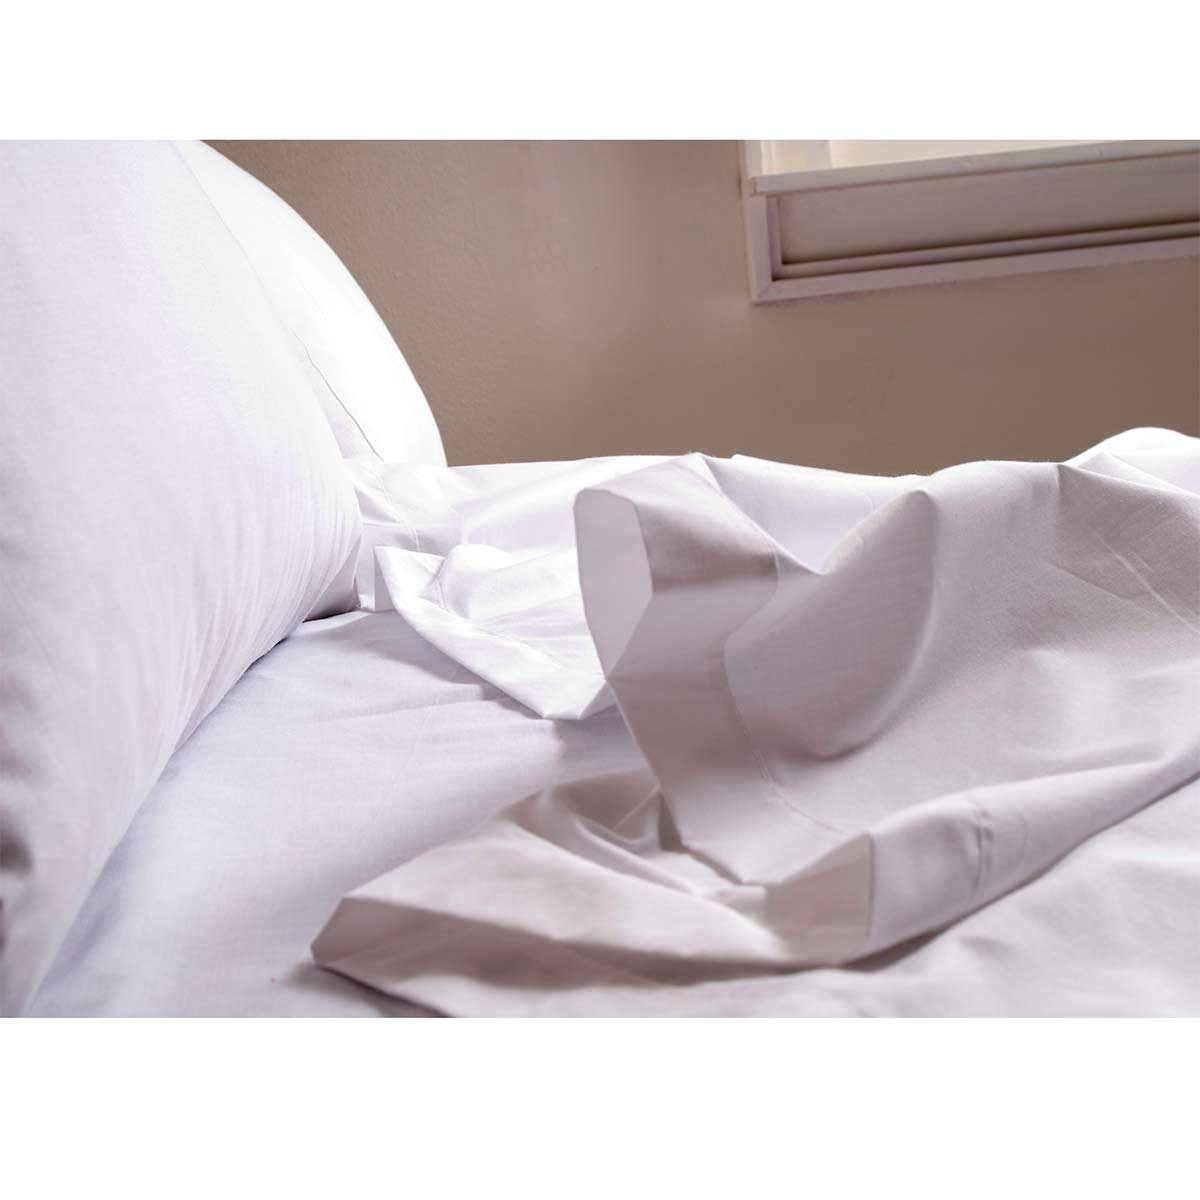 Σεντόνι Υπέρδιπλο Λευκό (220×260) Melinen Πενιέ Περκάλι 60/40